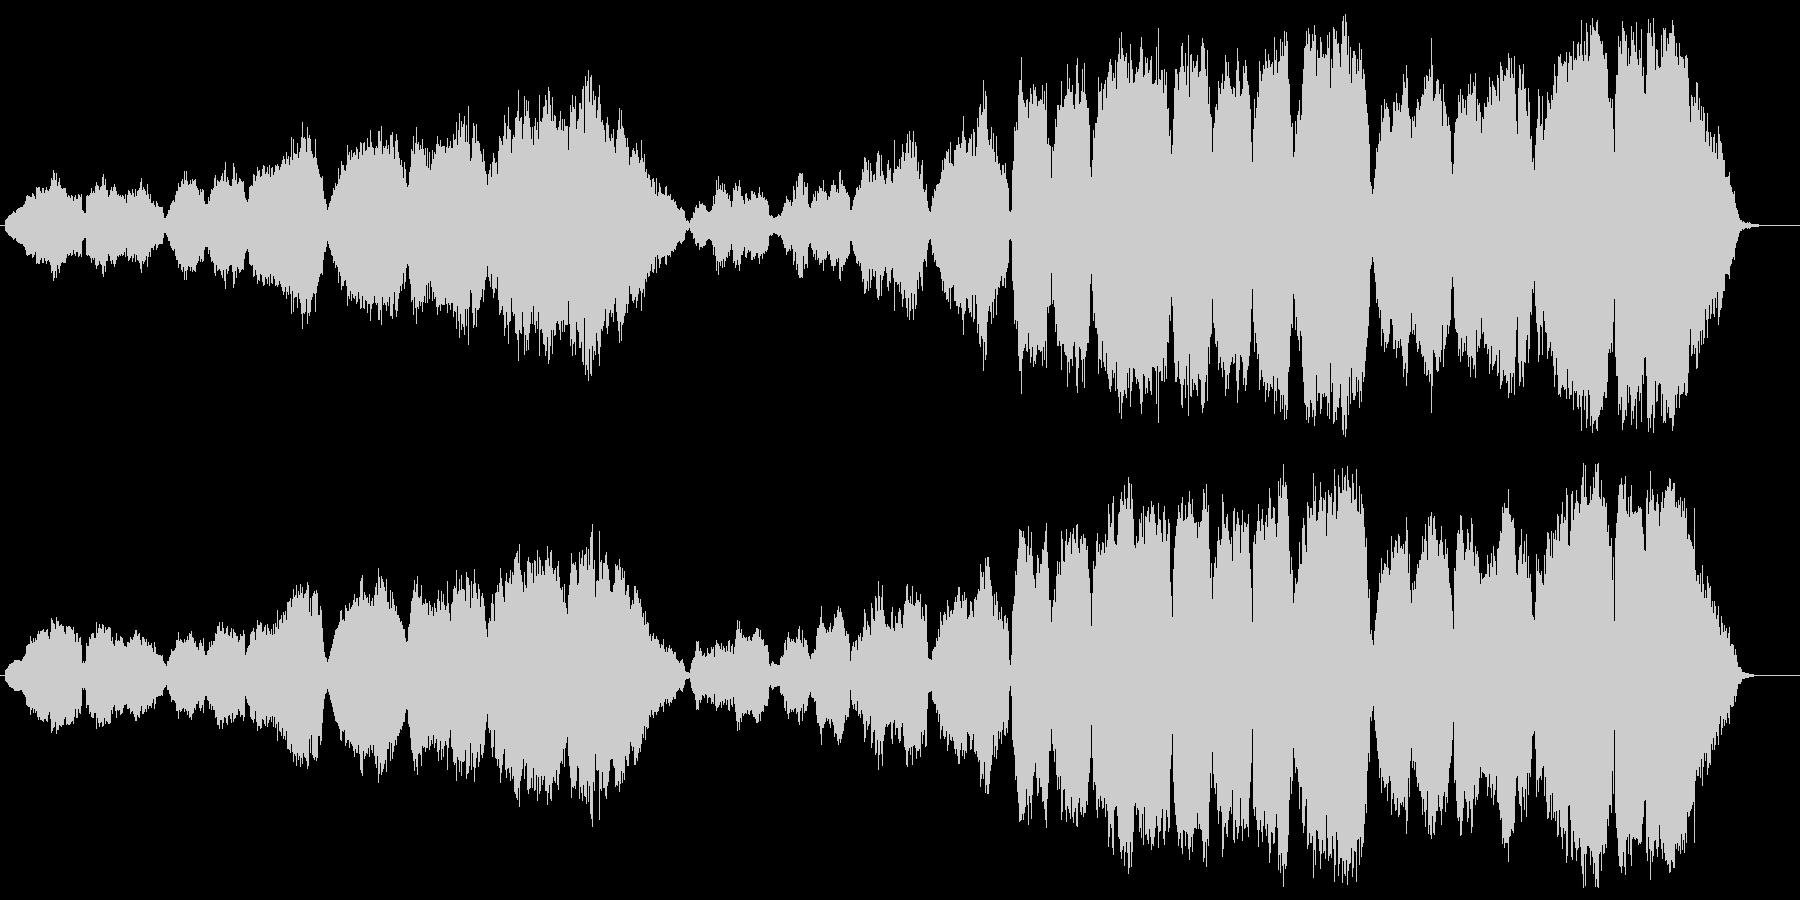 ソプラノ・ヴォイスを用いたクラシカルで…の未再生の波形